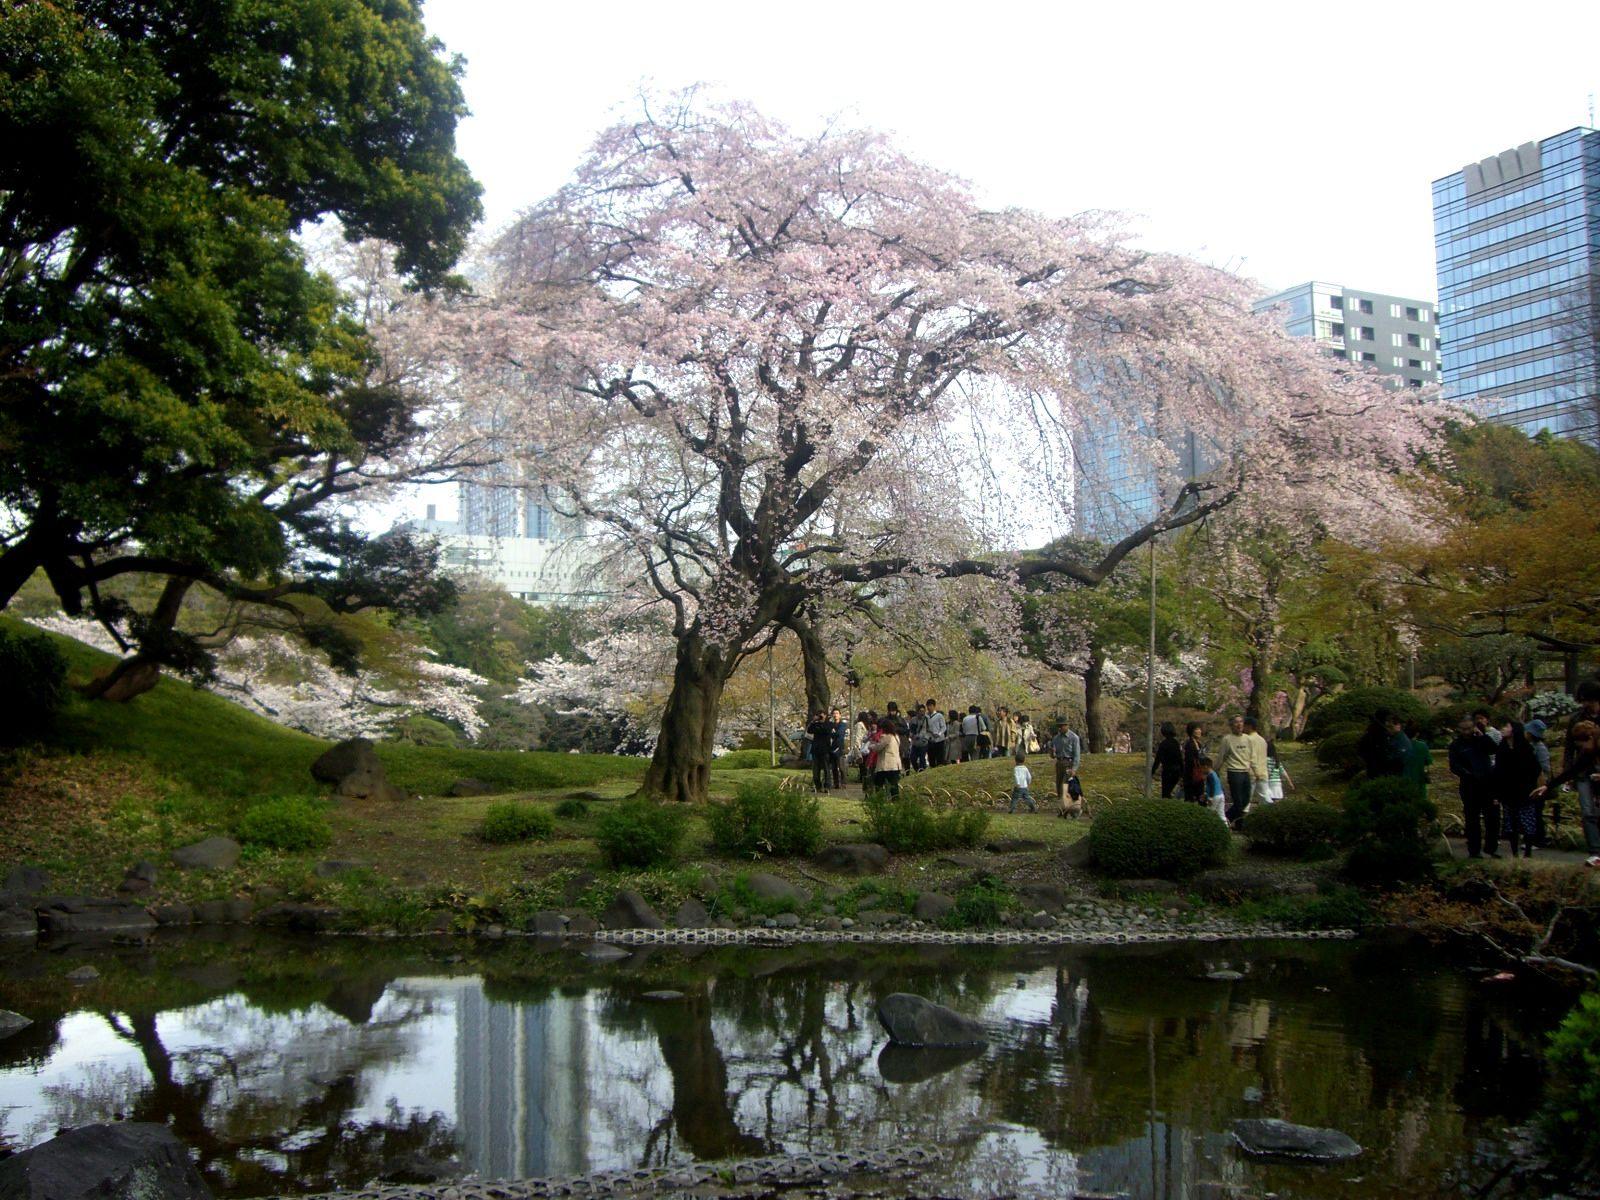 园内水塘与樱花树